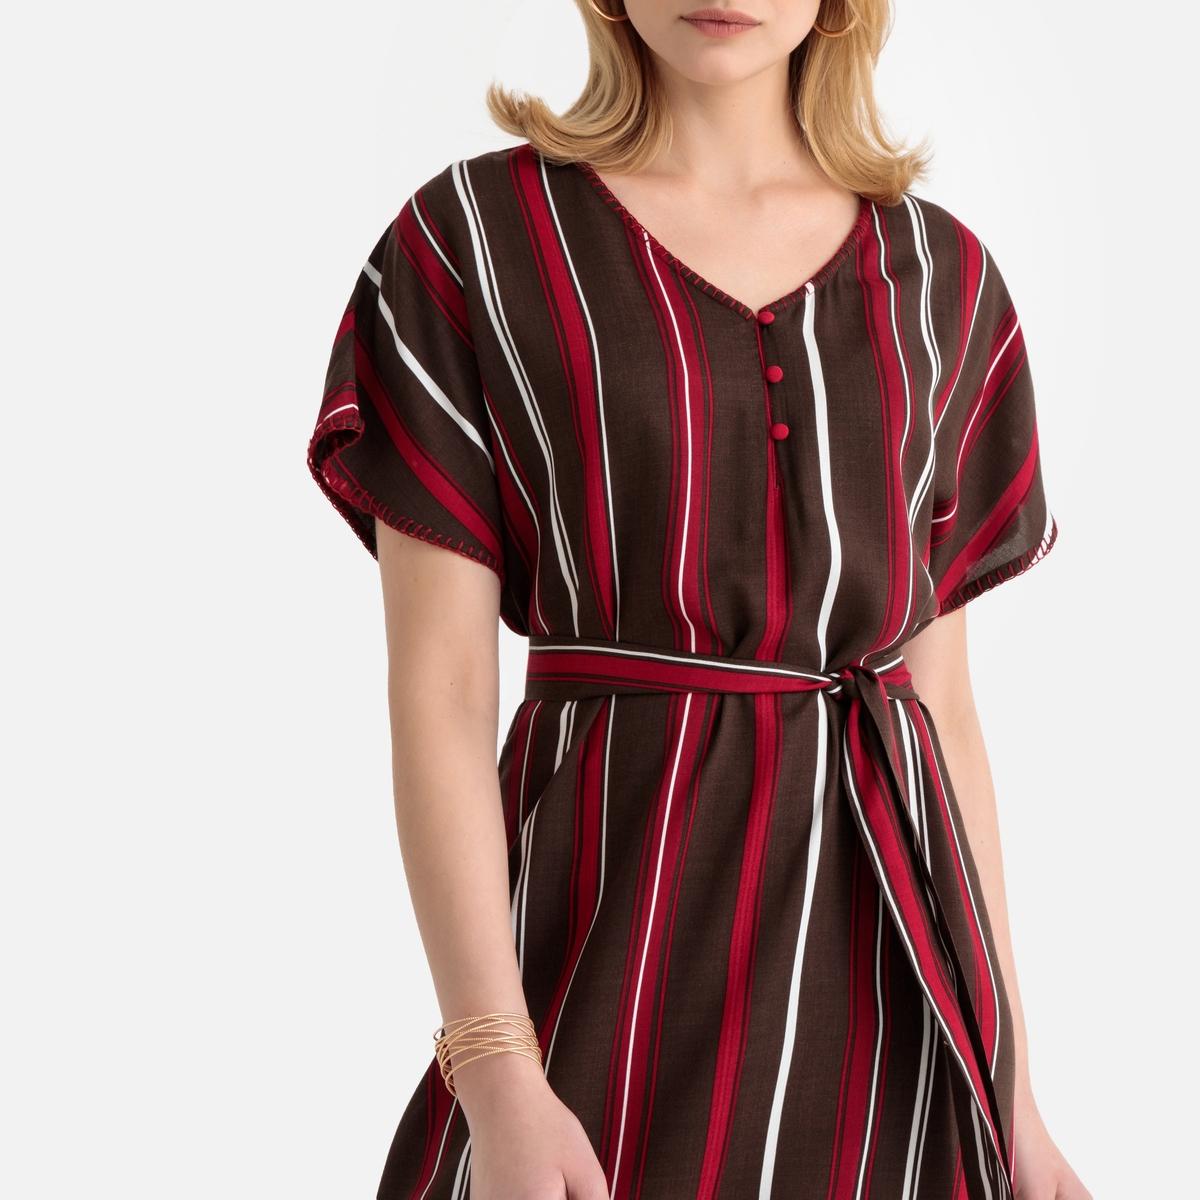 Платье La Redoute Струящееся в полоску длина миди 50 (FR) - 56 (RUS) другие платье миди la redoute с запахом струящееся m синий